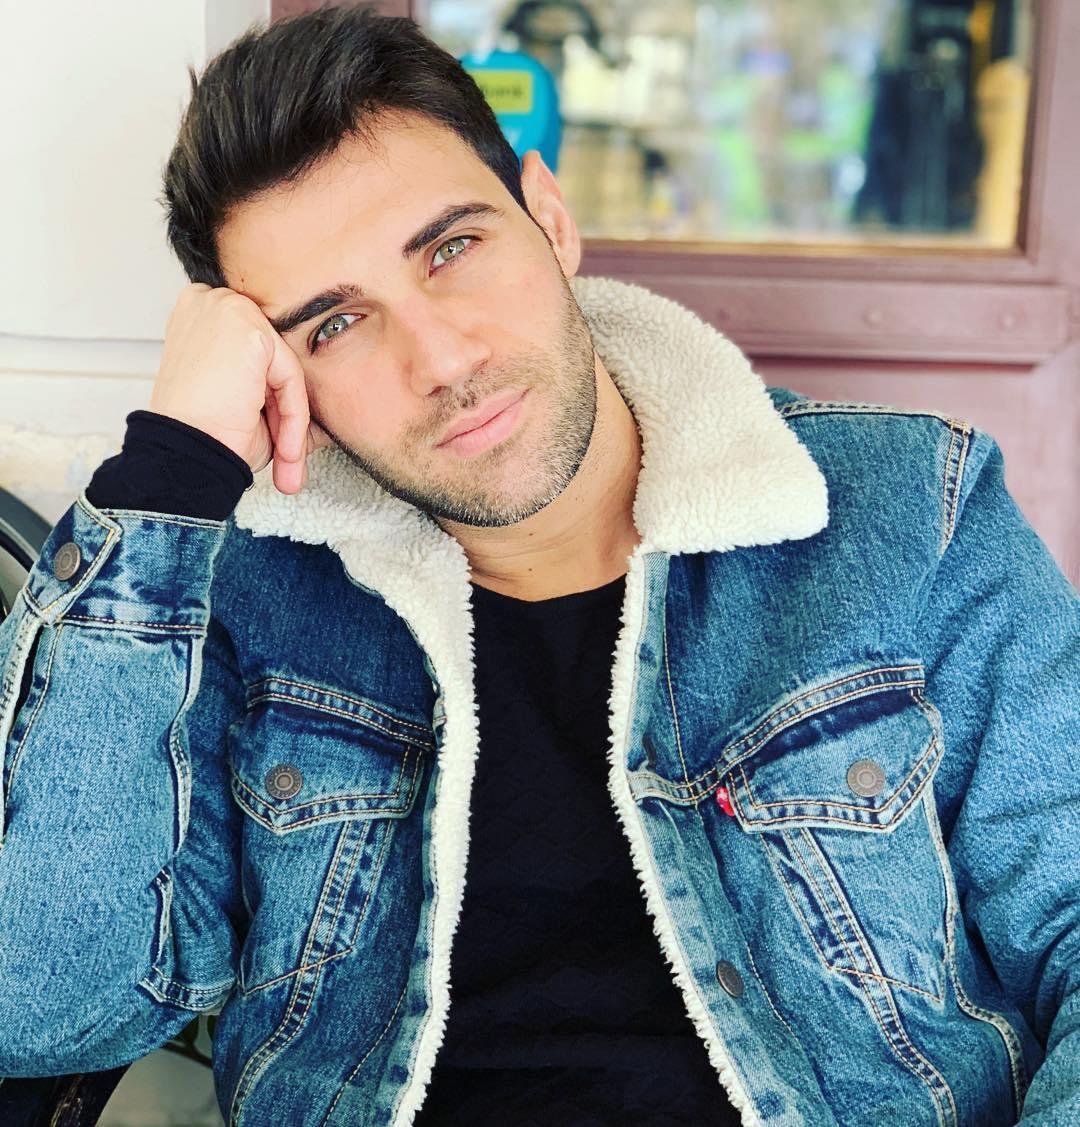 Συγκλονίζει γνωστός Έλληνας τραγουδιστής-Με κλείδωσε θαυμάστρια στο καμαρίνι και πήρε το κλειδί